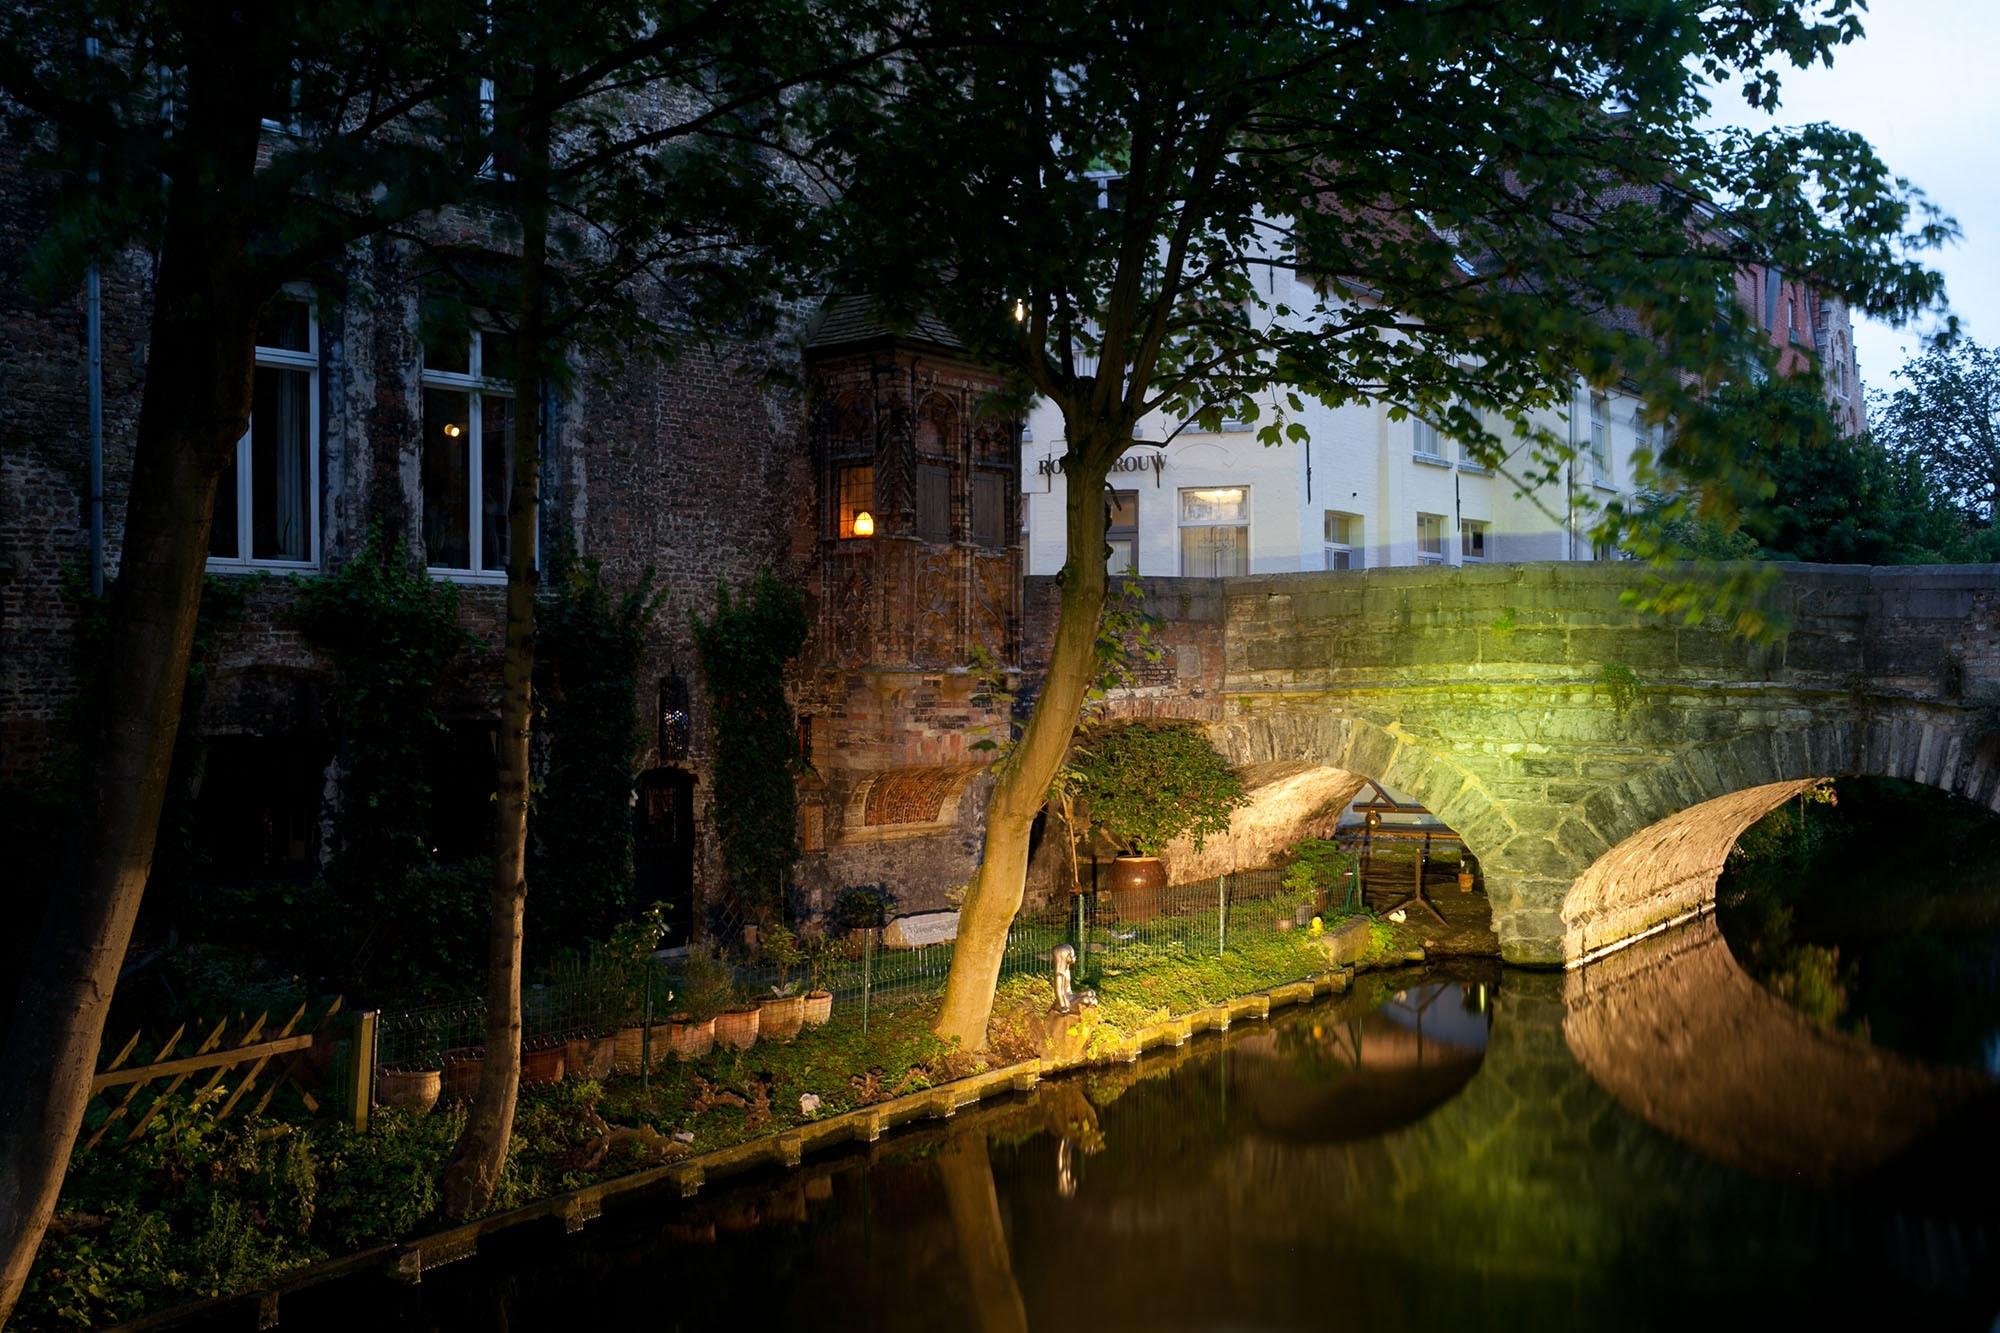 Canals at night in Bruges, Belgium